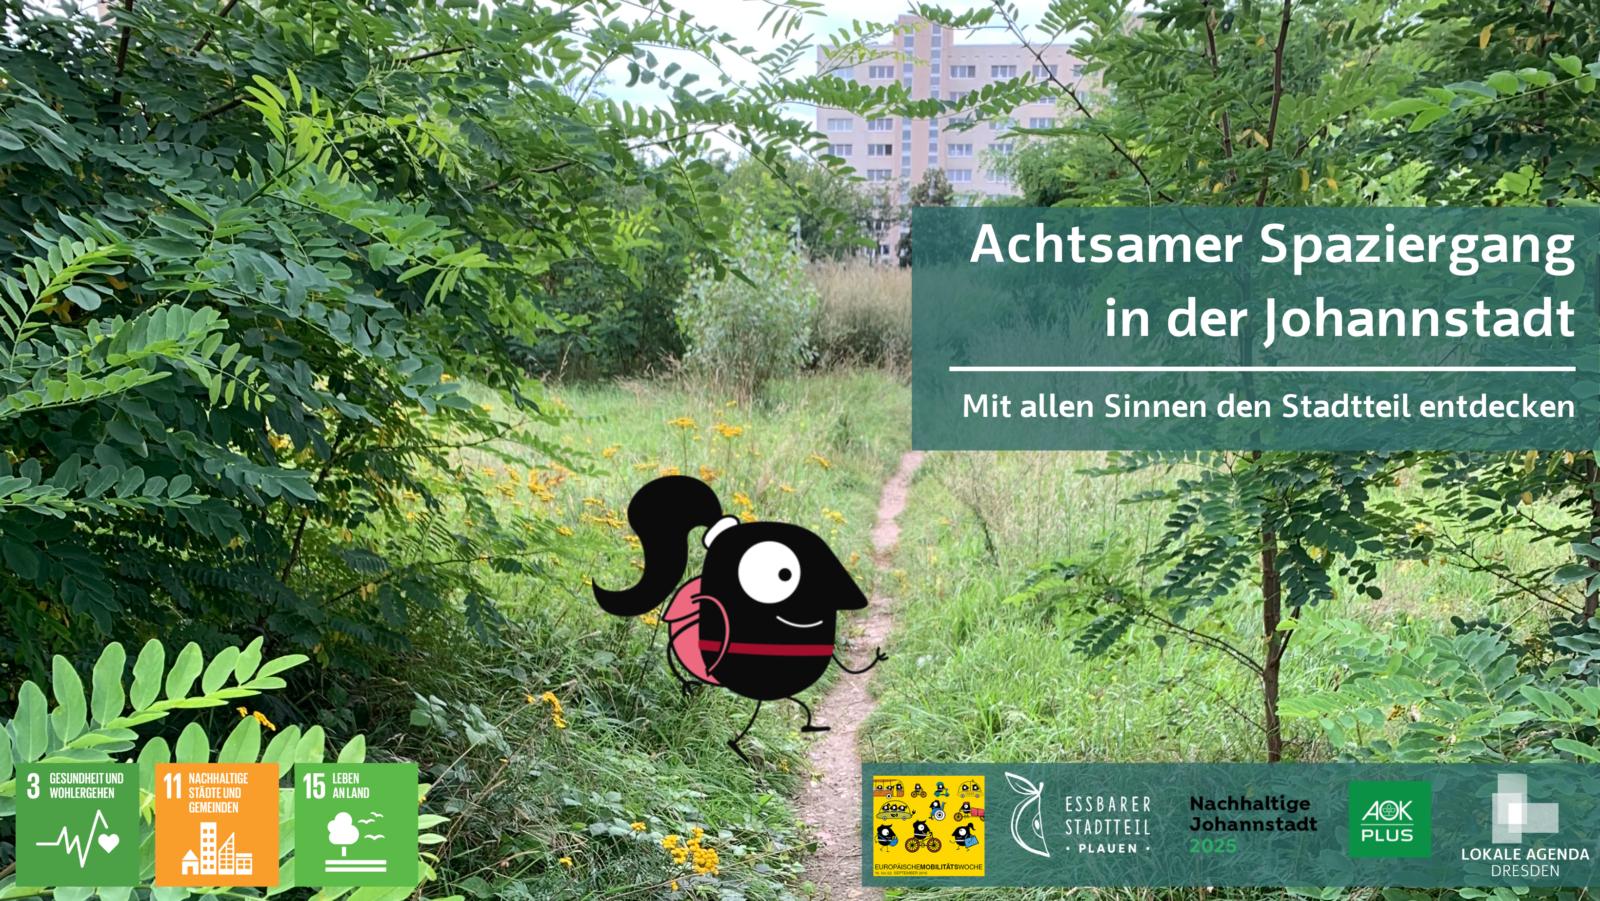 Achtsamer Spaziergang in der Johannstadt